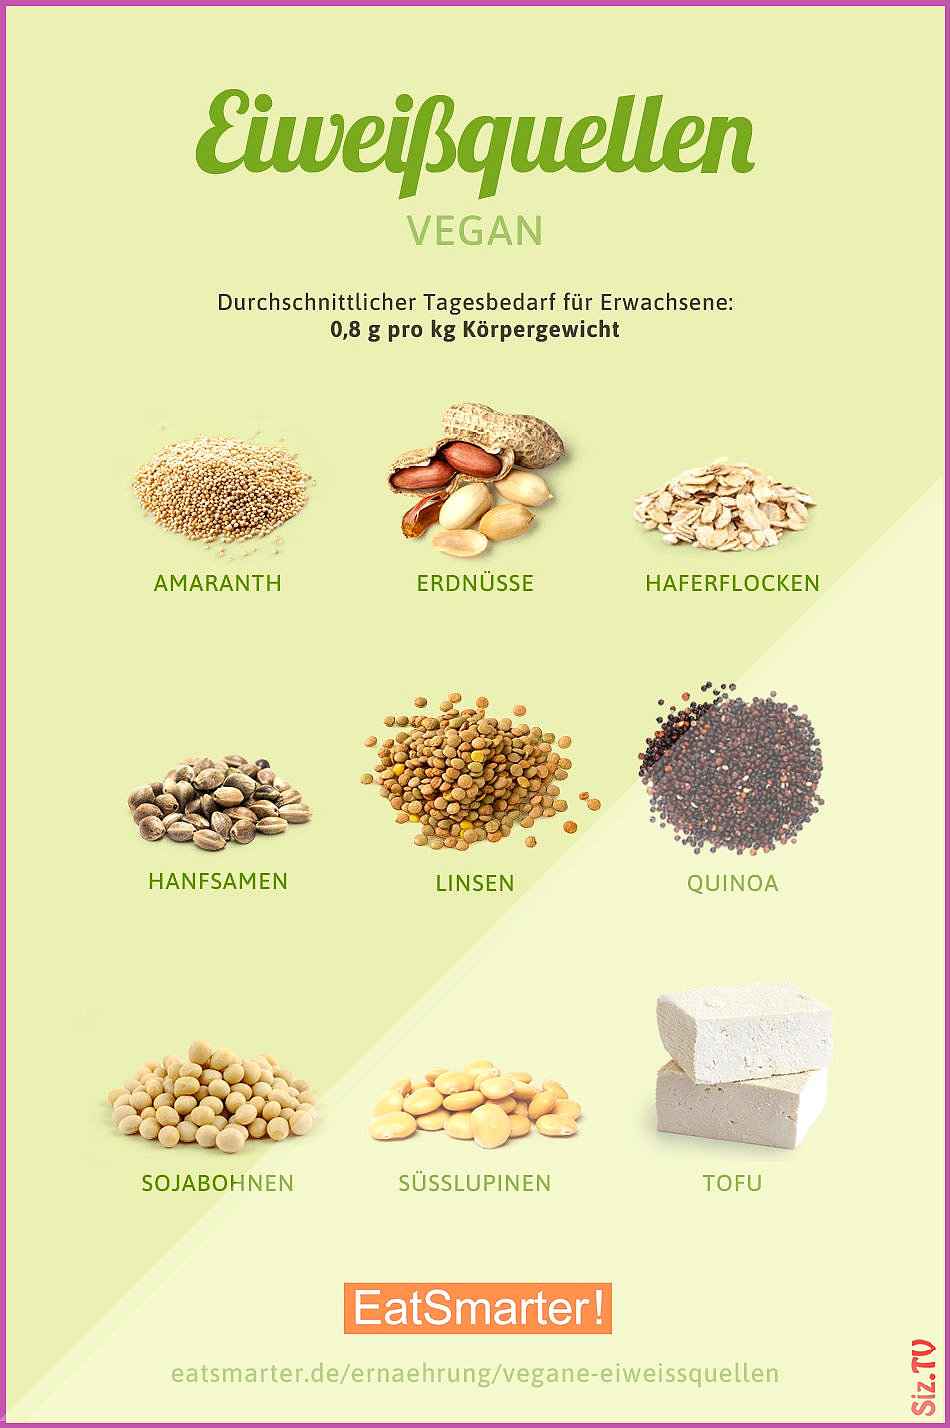 Vegane Eiwei quellen Vegane Eiwei quellen EAT SMARTER eatsmarter Infografiken  Ern hrung und Lebensm...